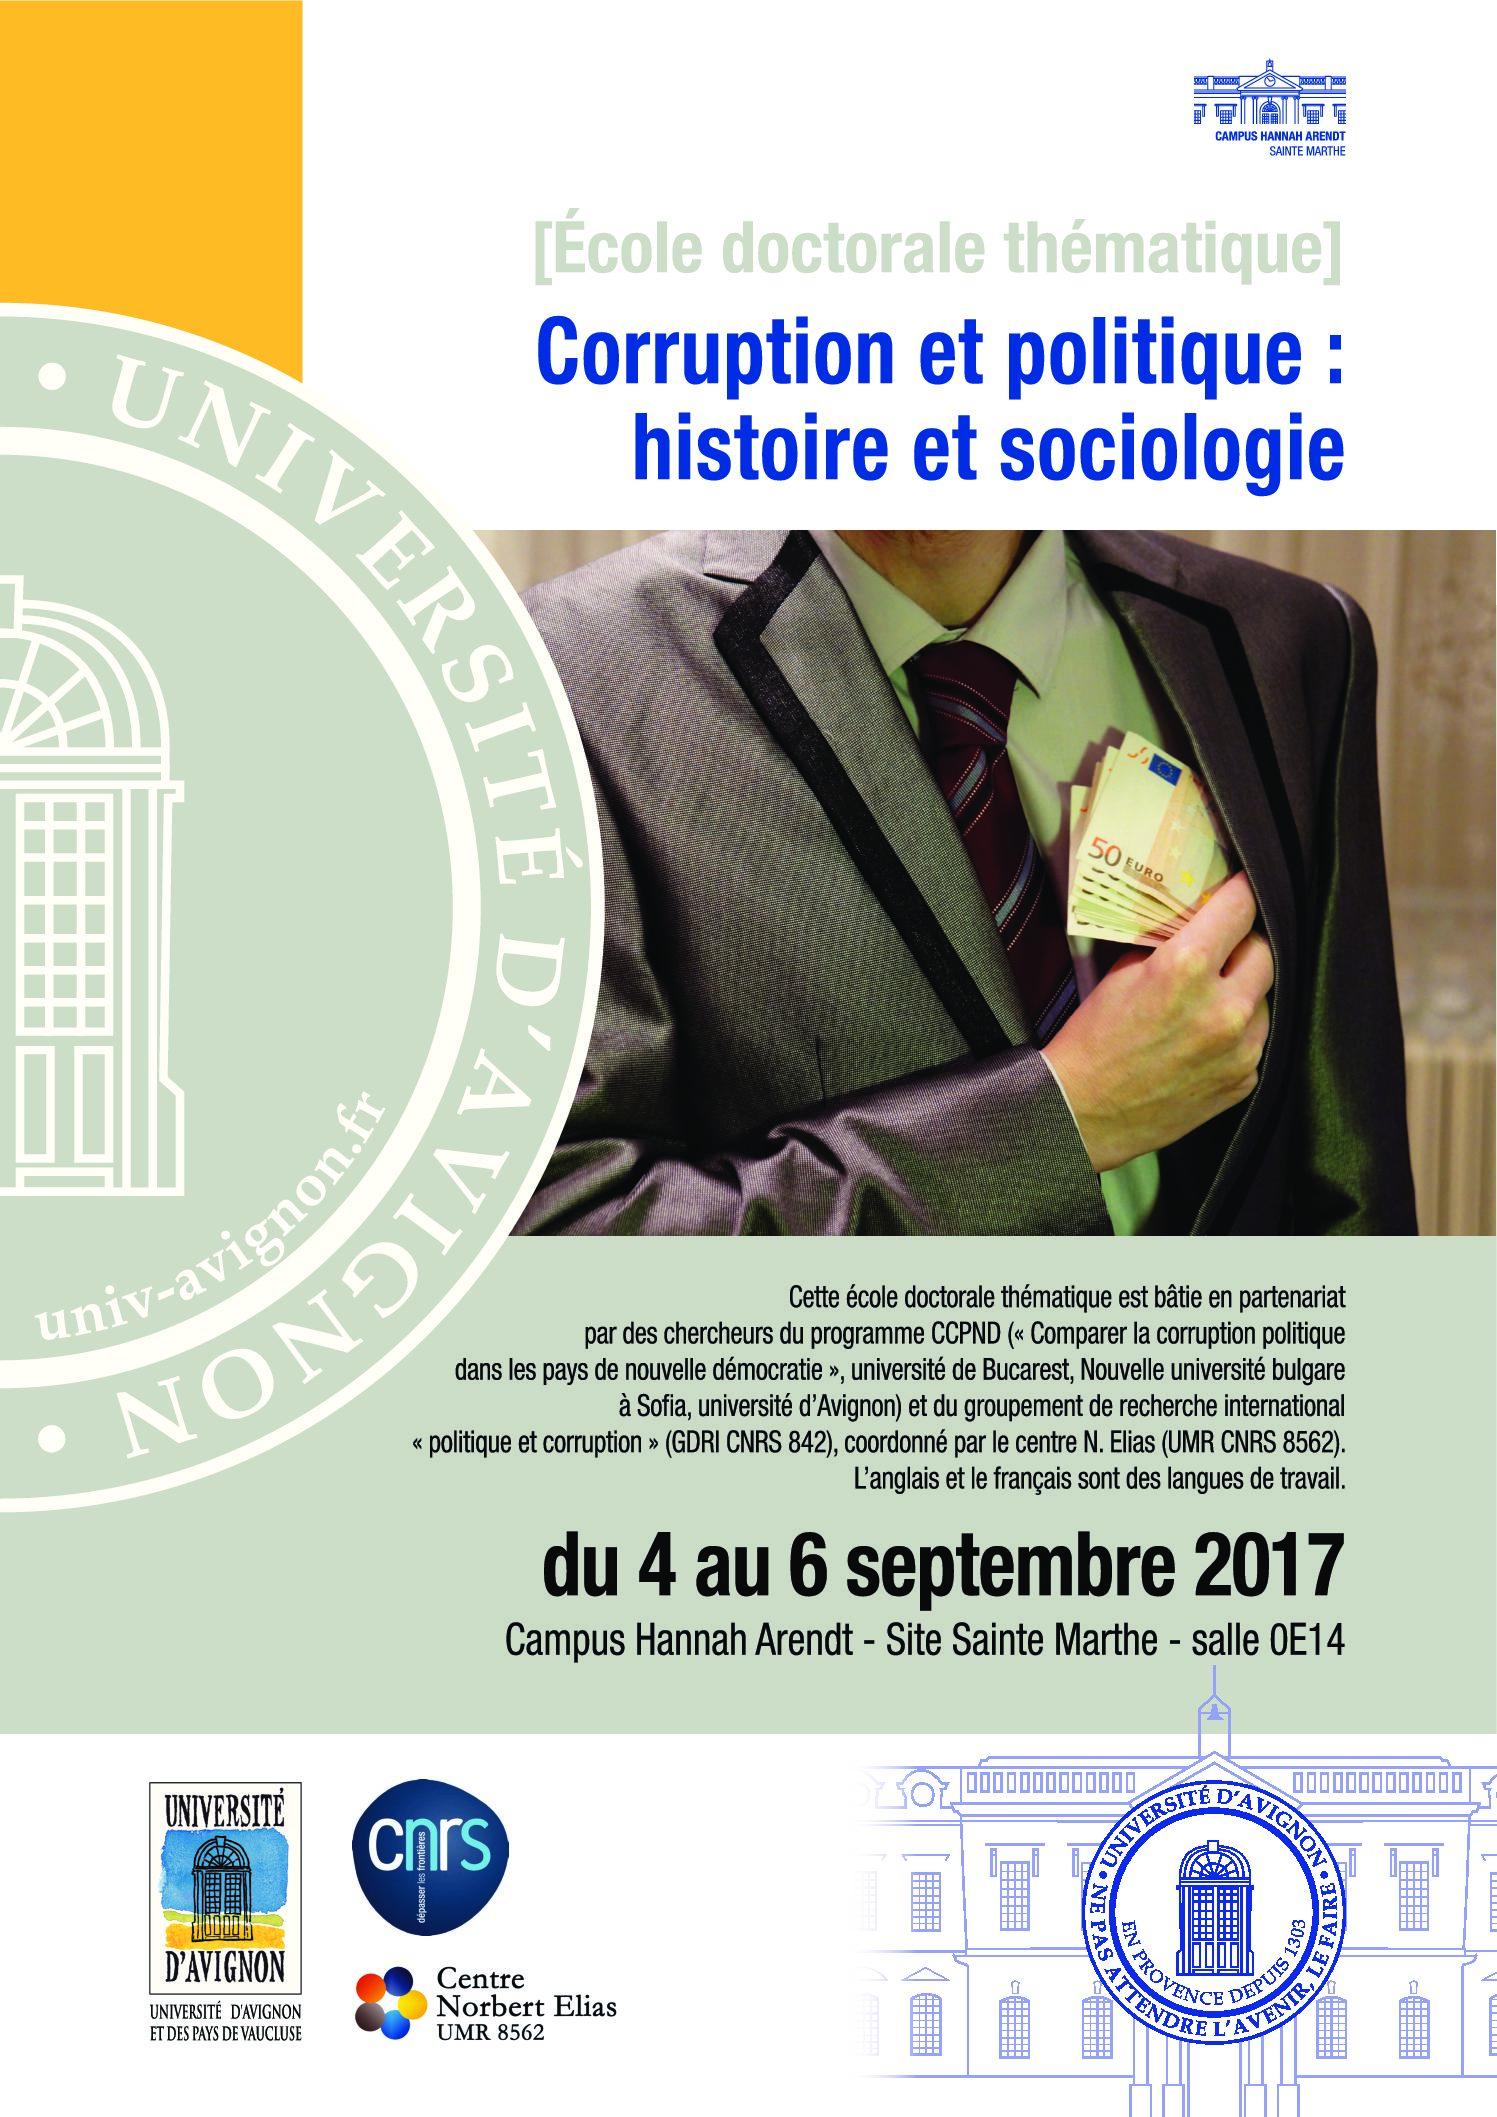 [Ecole doctorale thématique] Corruption et politique : histoire et sociologie